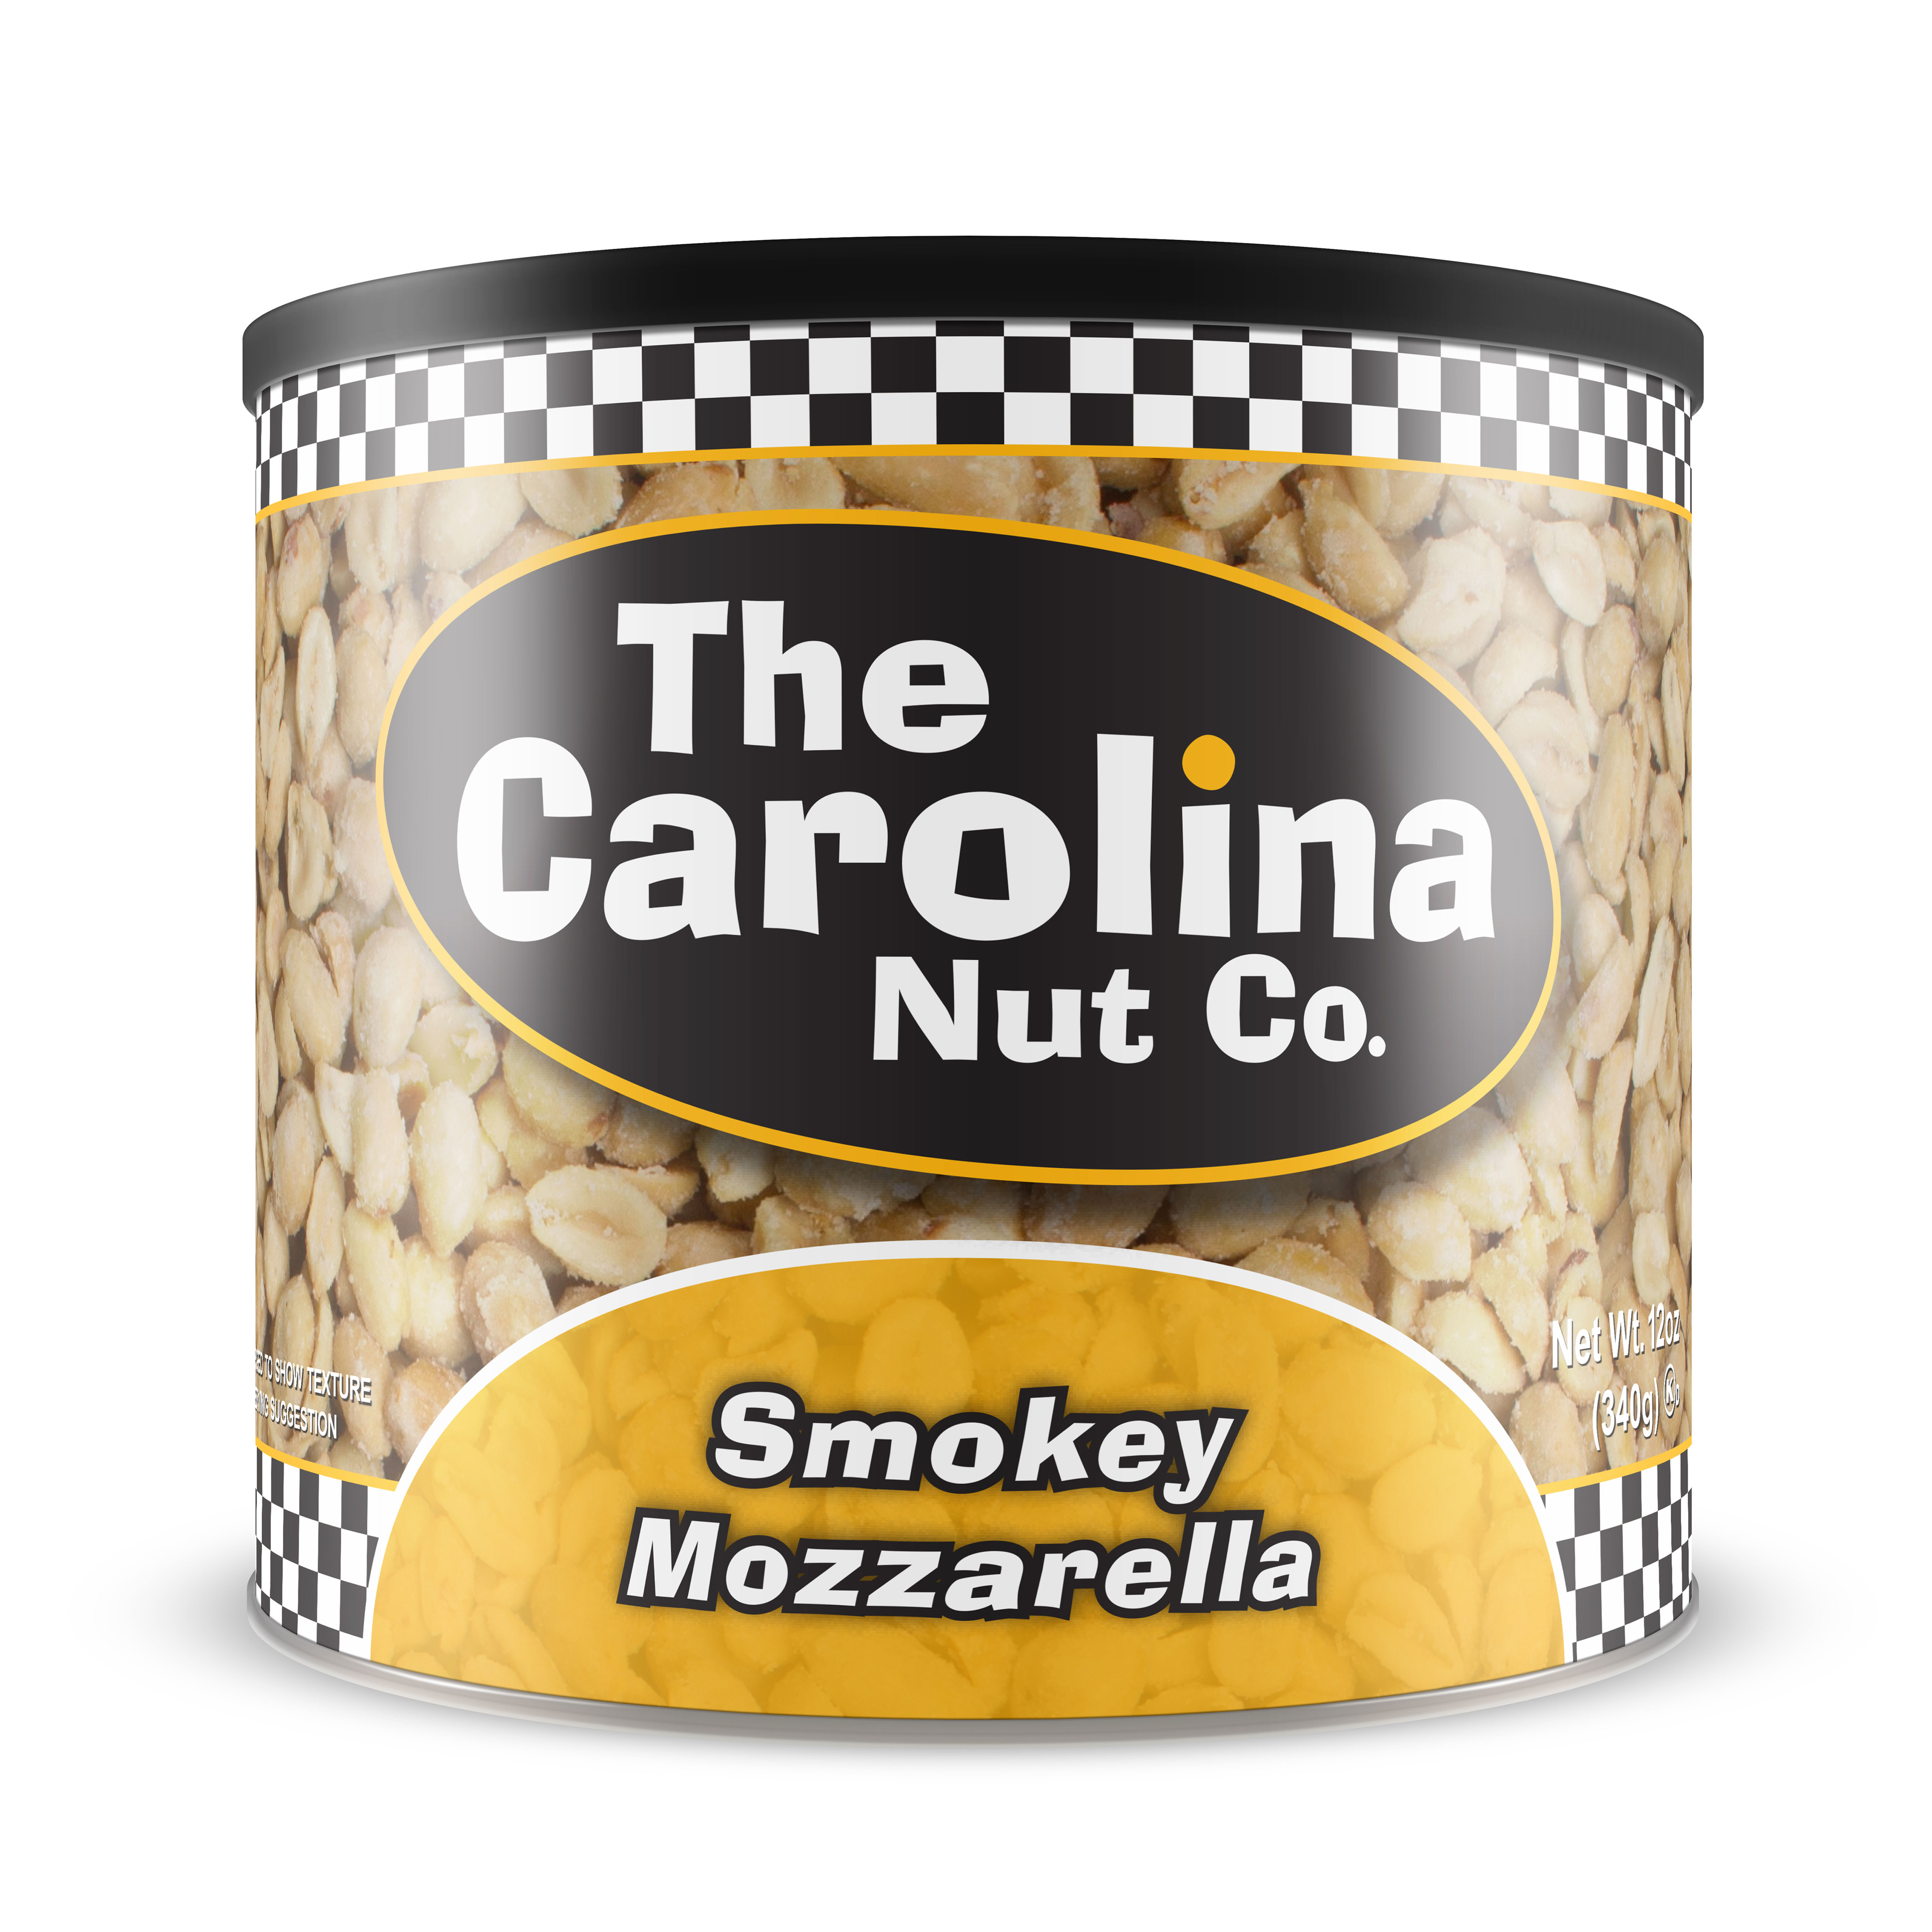 smokey-mozzarella